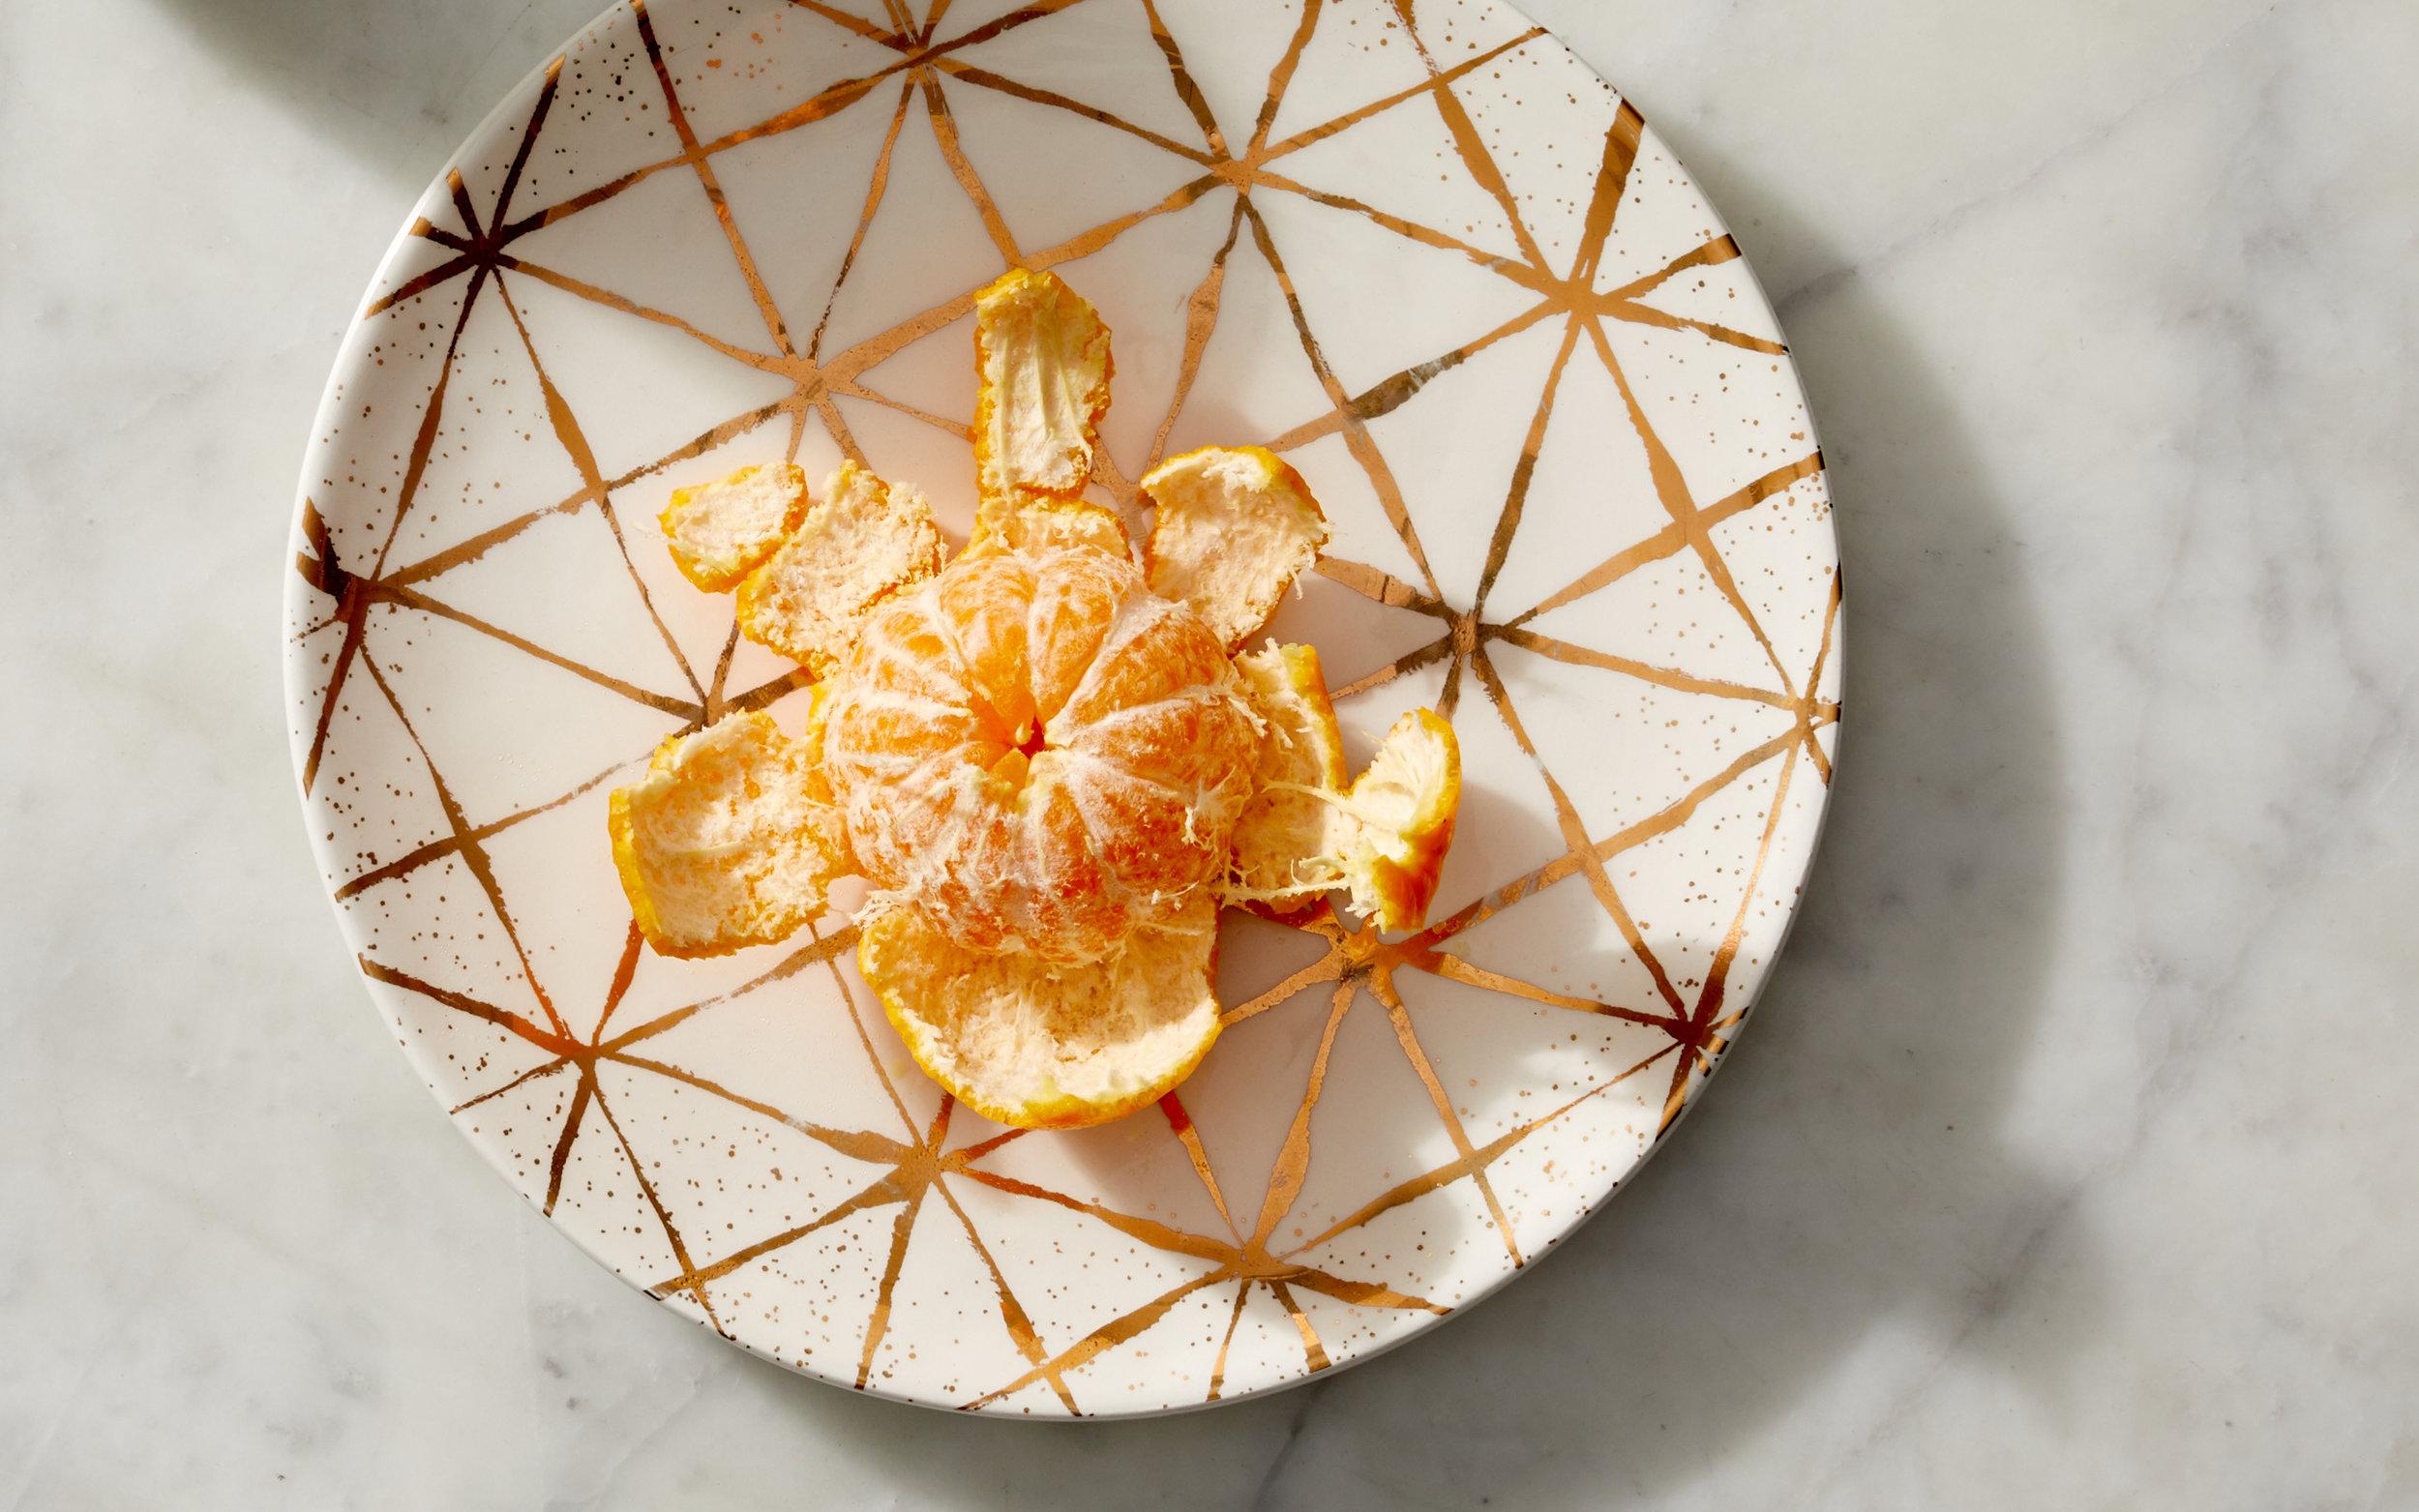 tangerine_Martha-Bakes_SE10_Bread_3976 1.jpg